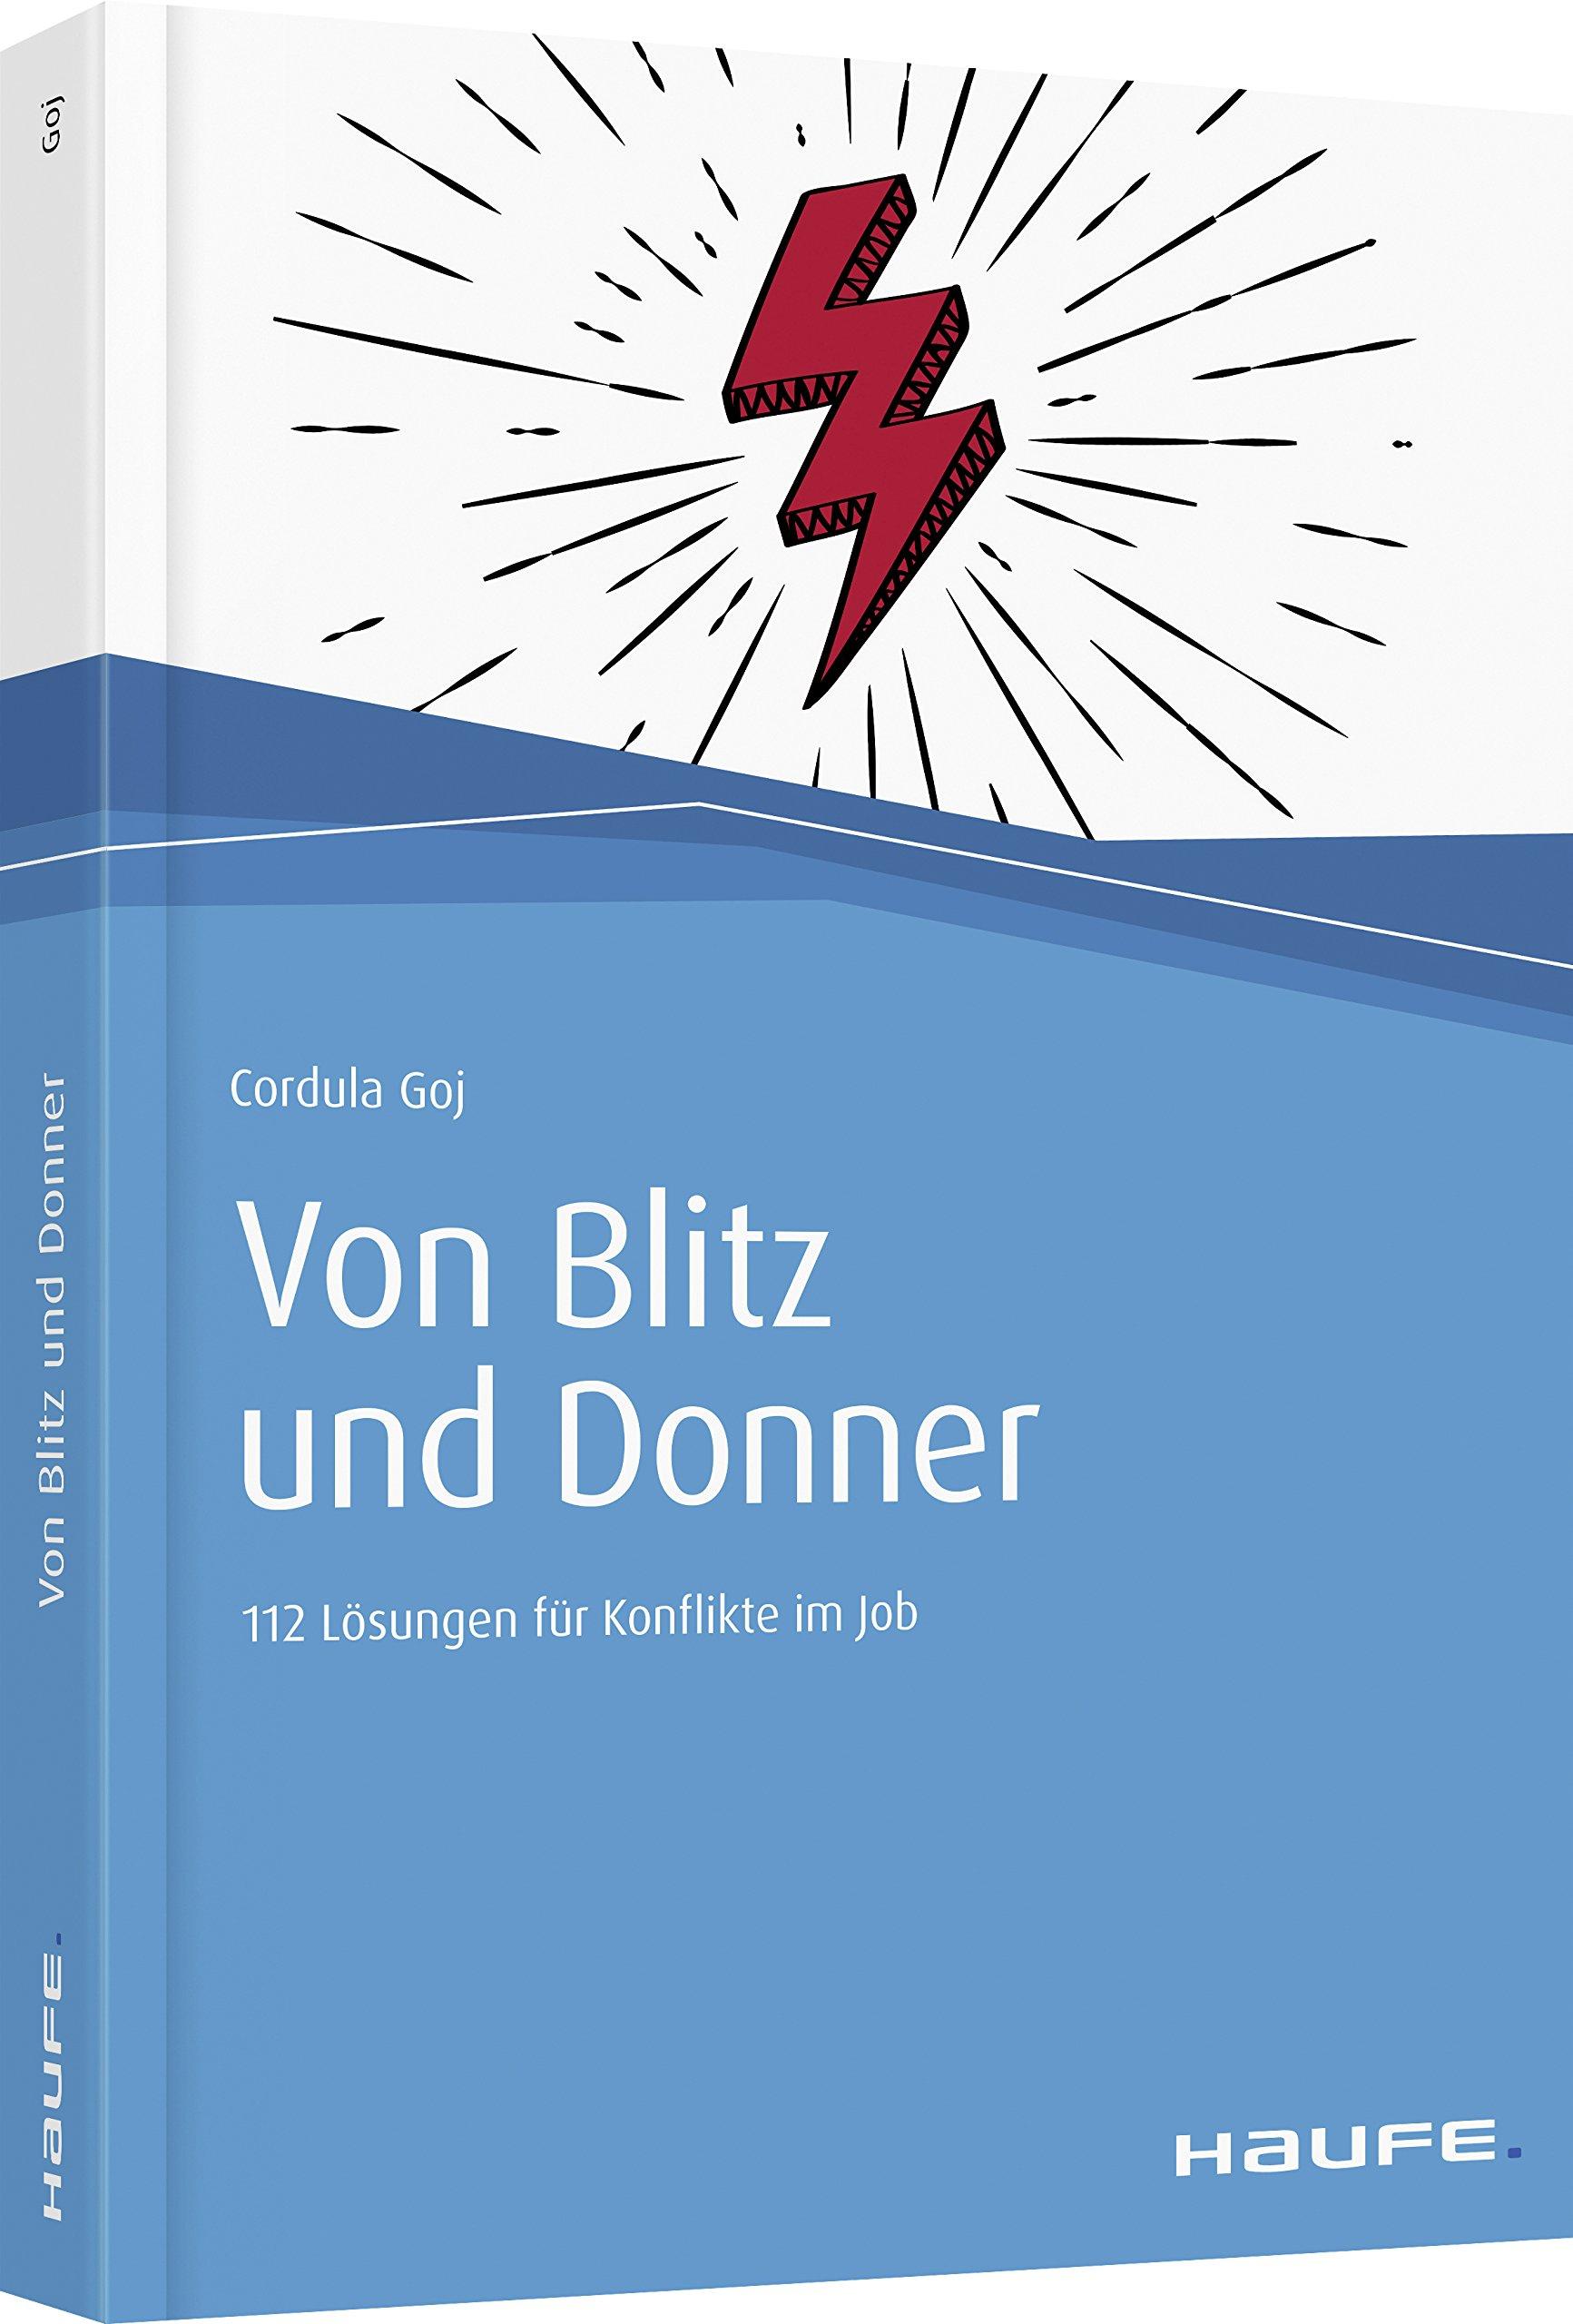 Von Blitz und Donner: 112 Lösungen für Konflikte im Job (Haufe Fachbuch)